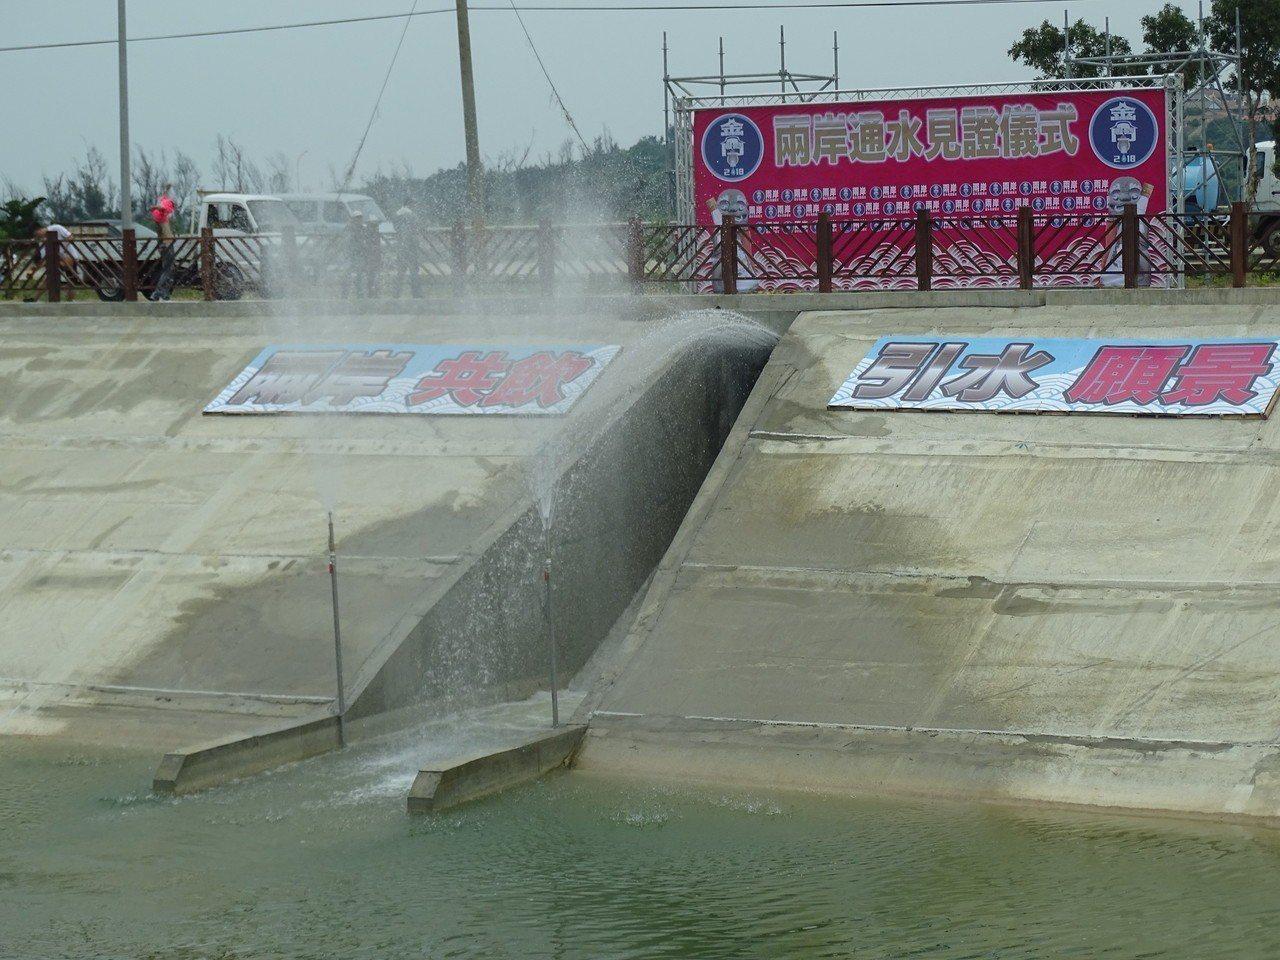 兩岸通水儀式進行最後採排儀式,今天將安排噴水特效,昨天進行測試。 記者蔡家蓁/攝...